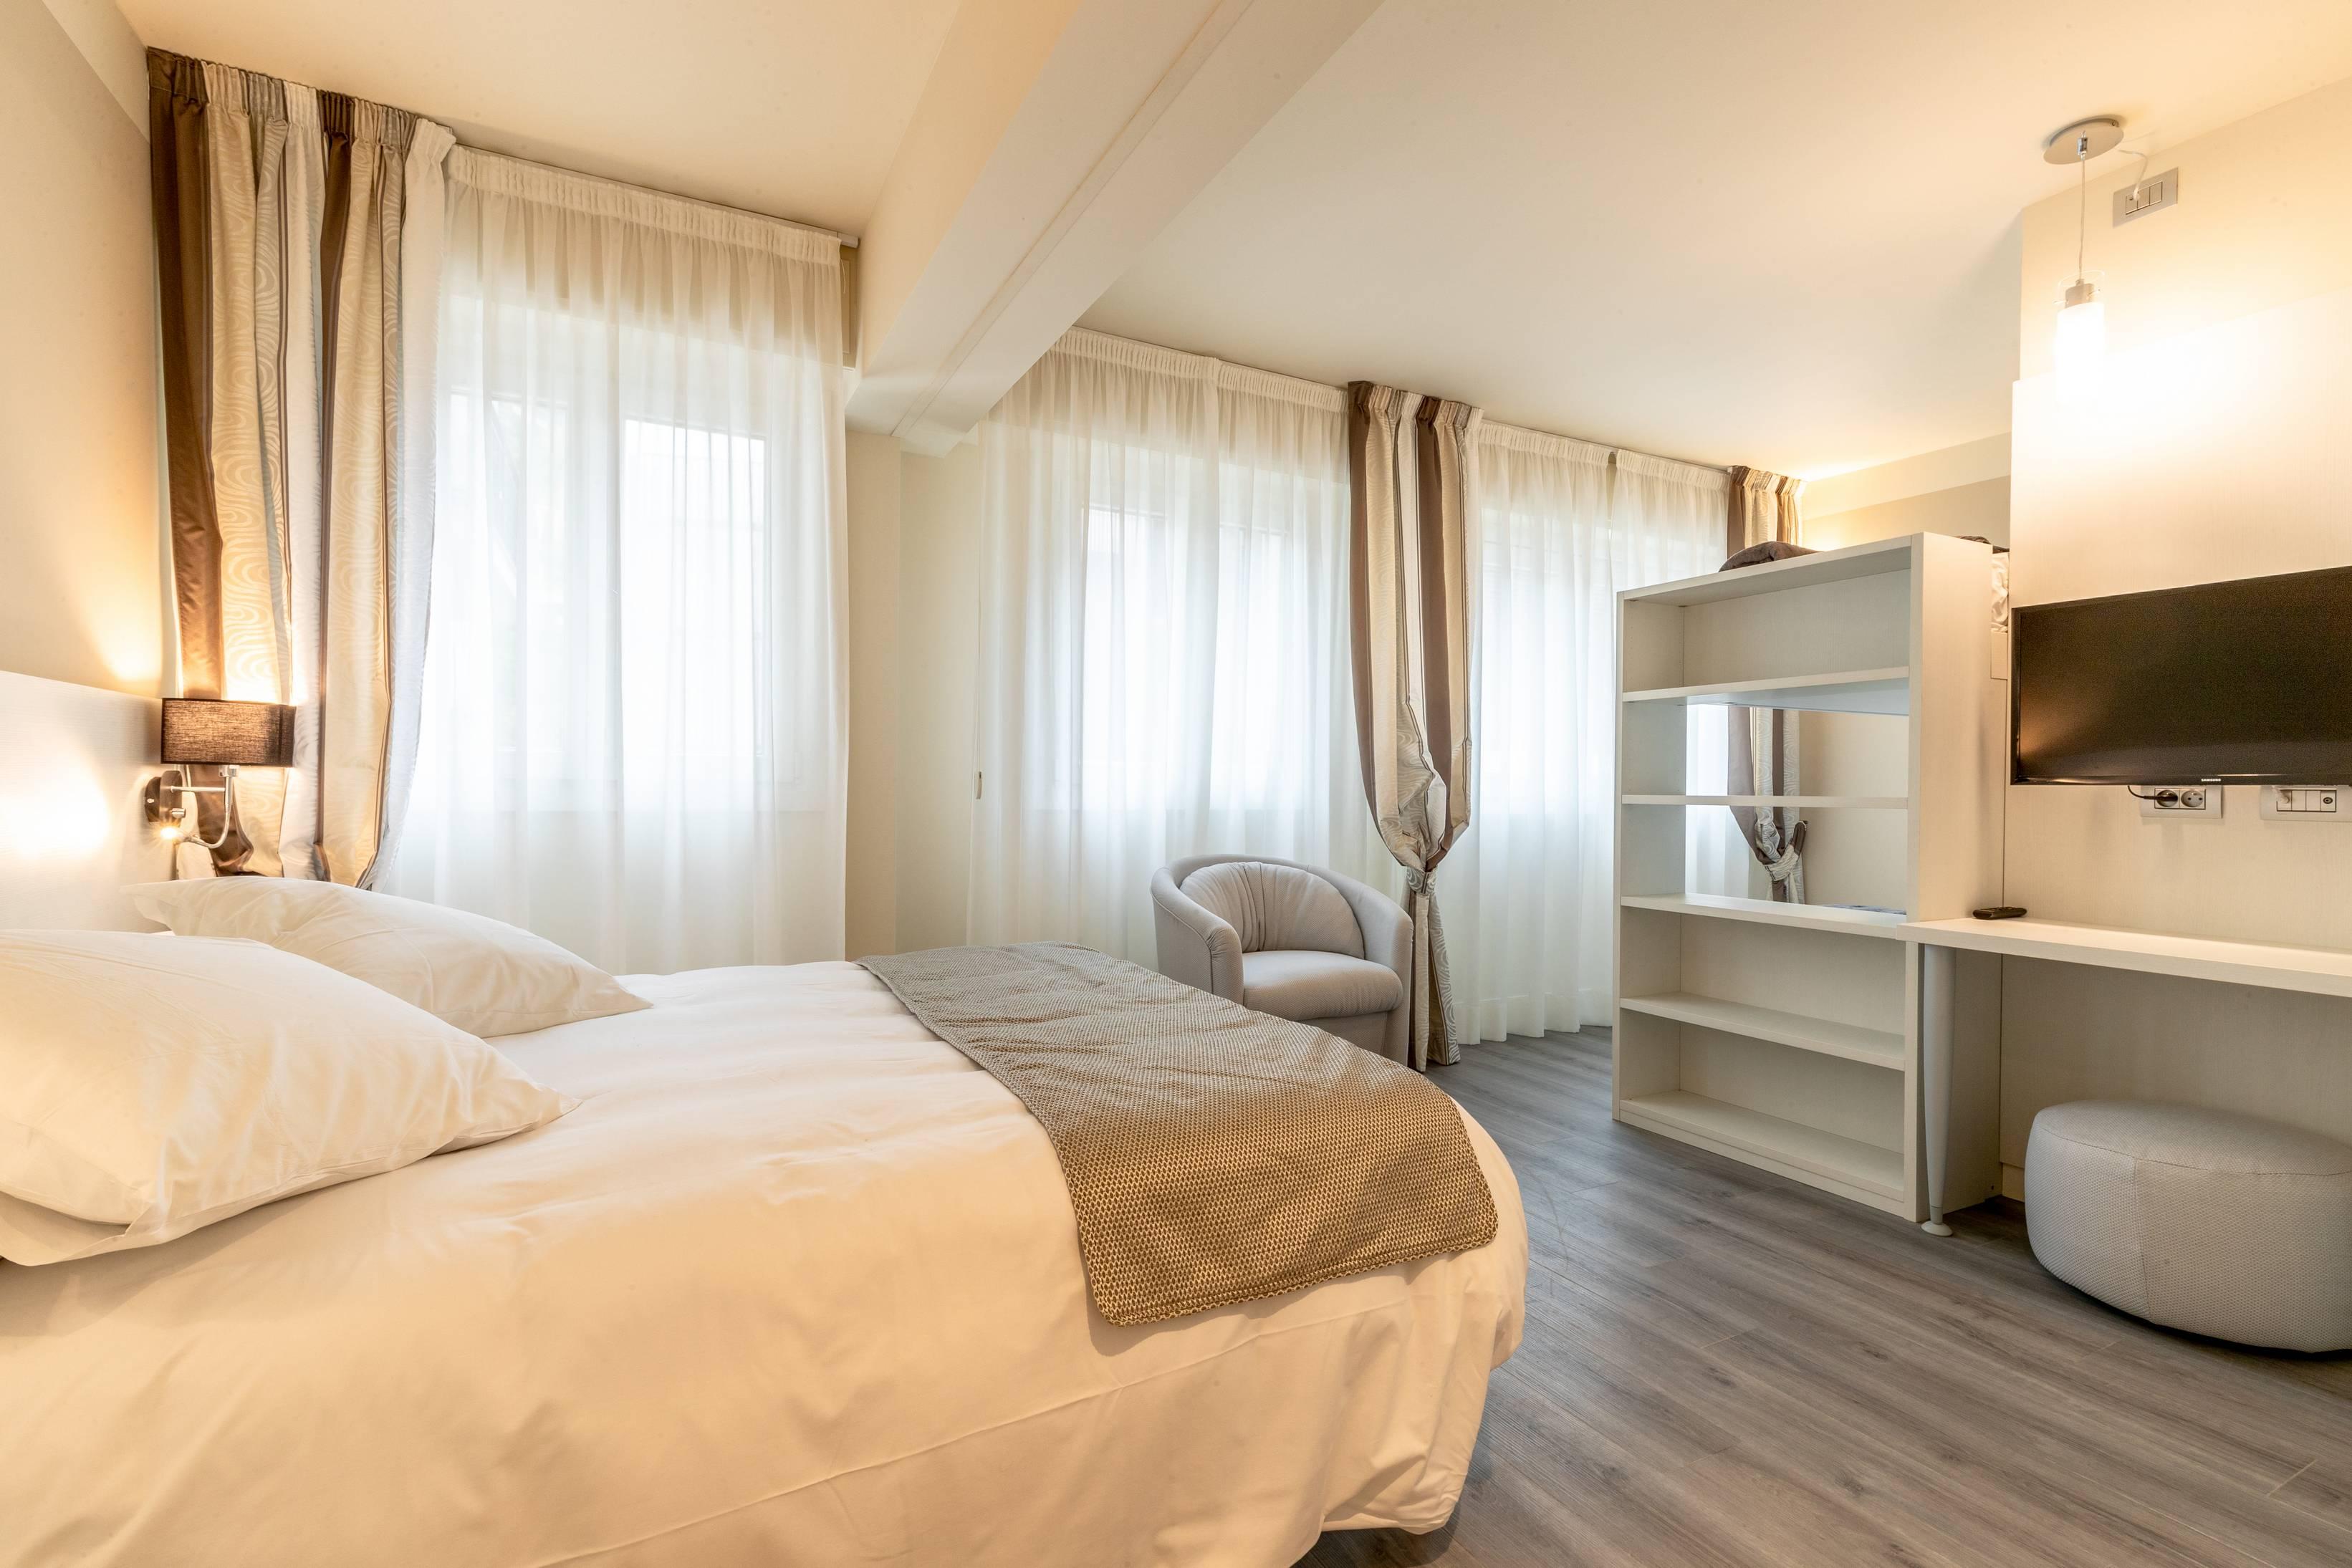 2 Letti A Castello.Family Room Large Bed 2 Letti A Castello Hotel Ladolcevita Com